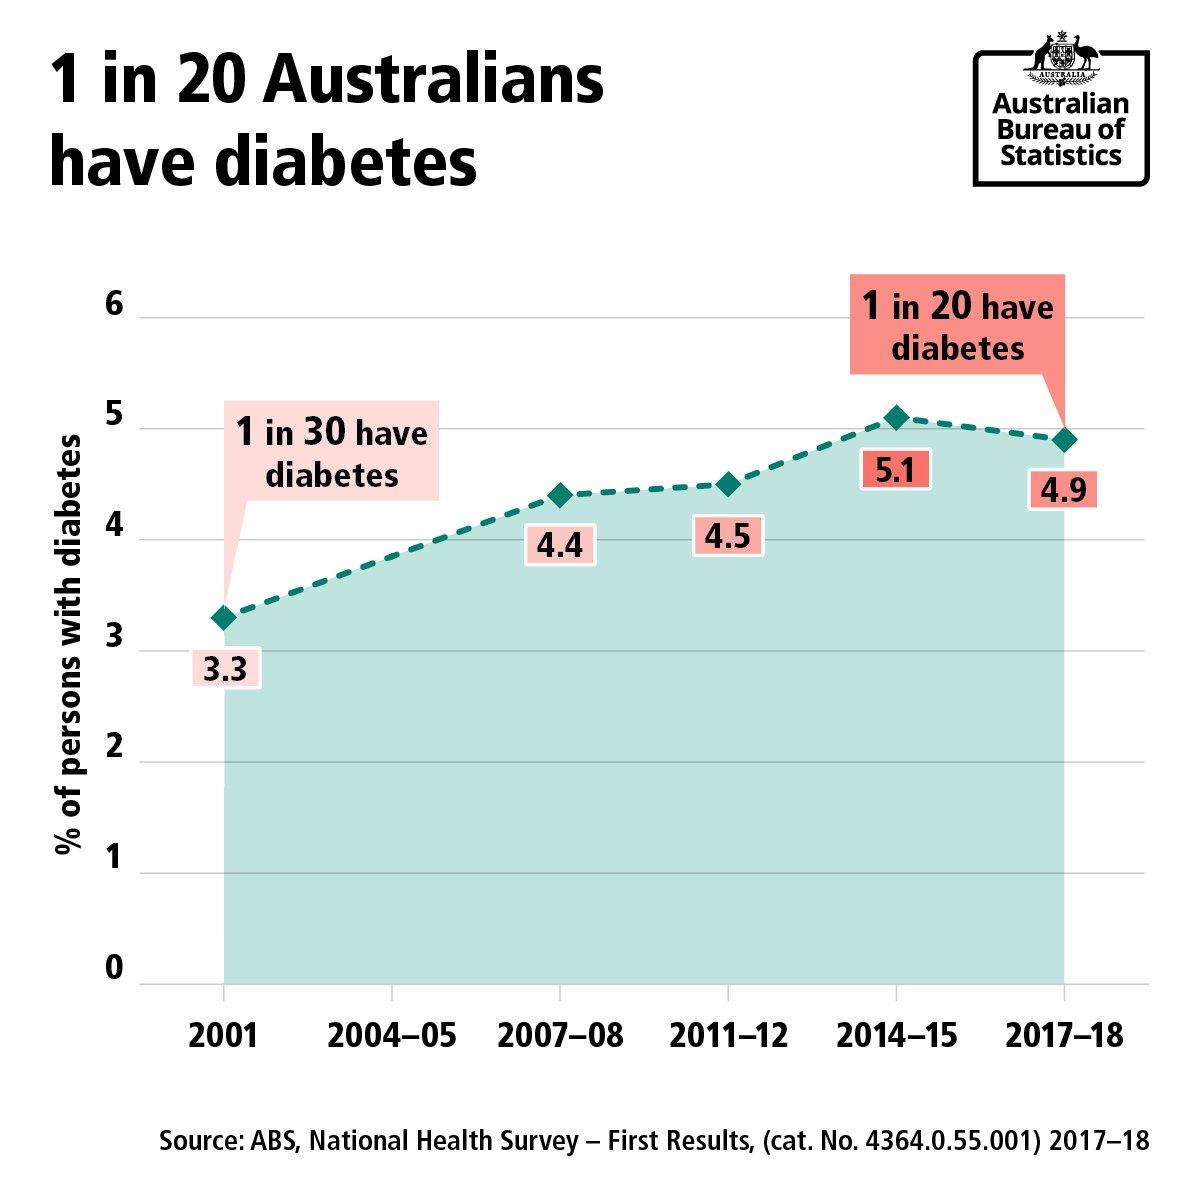 It's#DiabetesWeek. 1 in 20 Australians had diabetes in 2017-18, up from 1 in 30 in 2001.